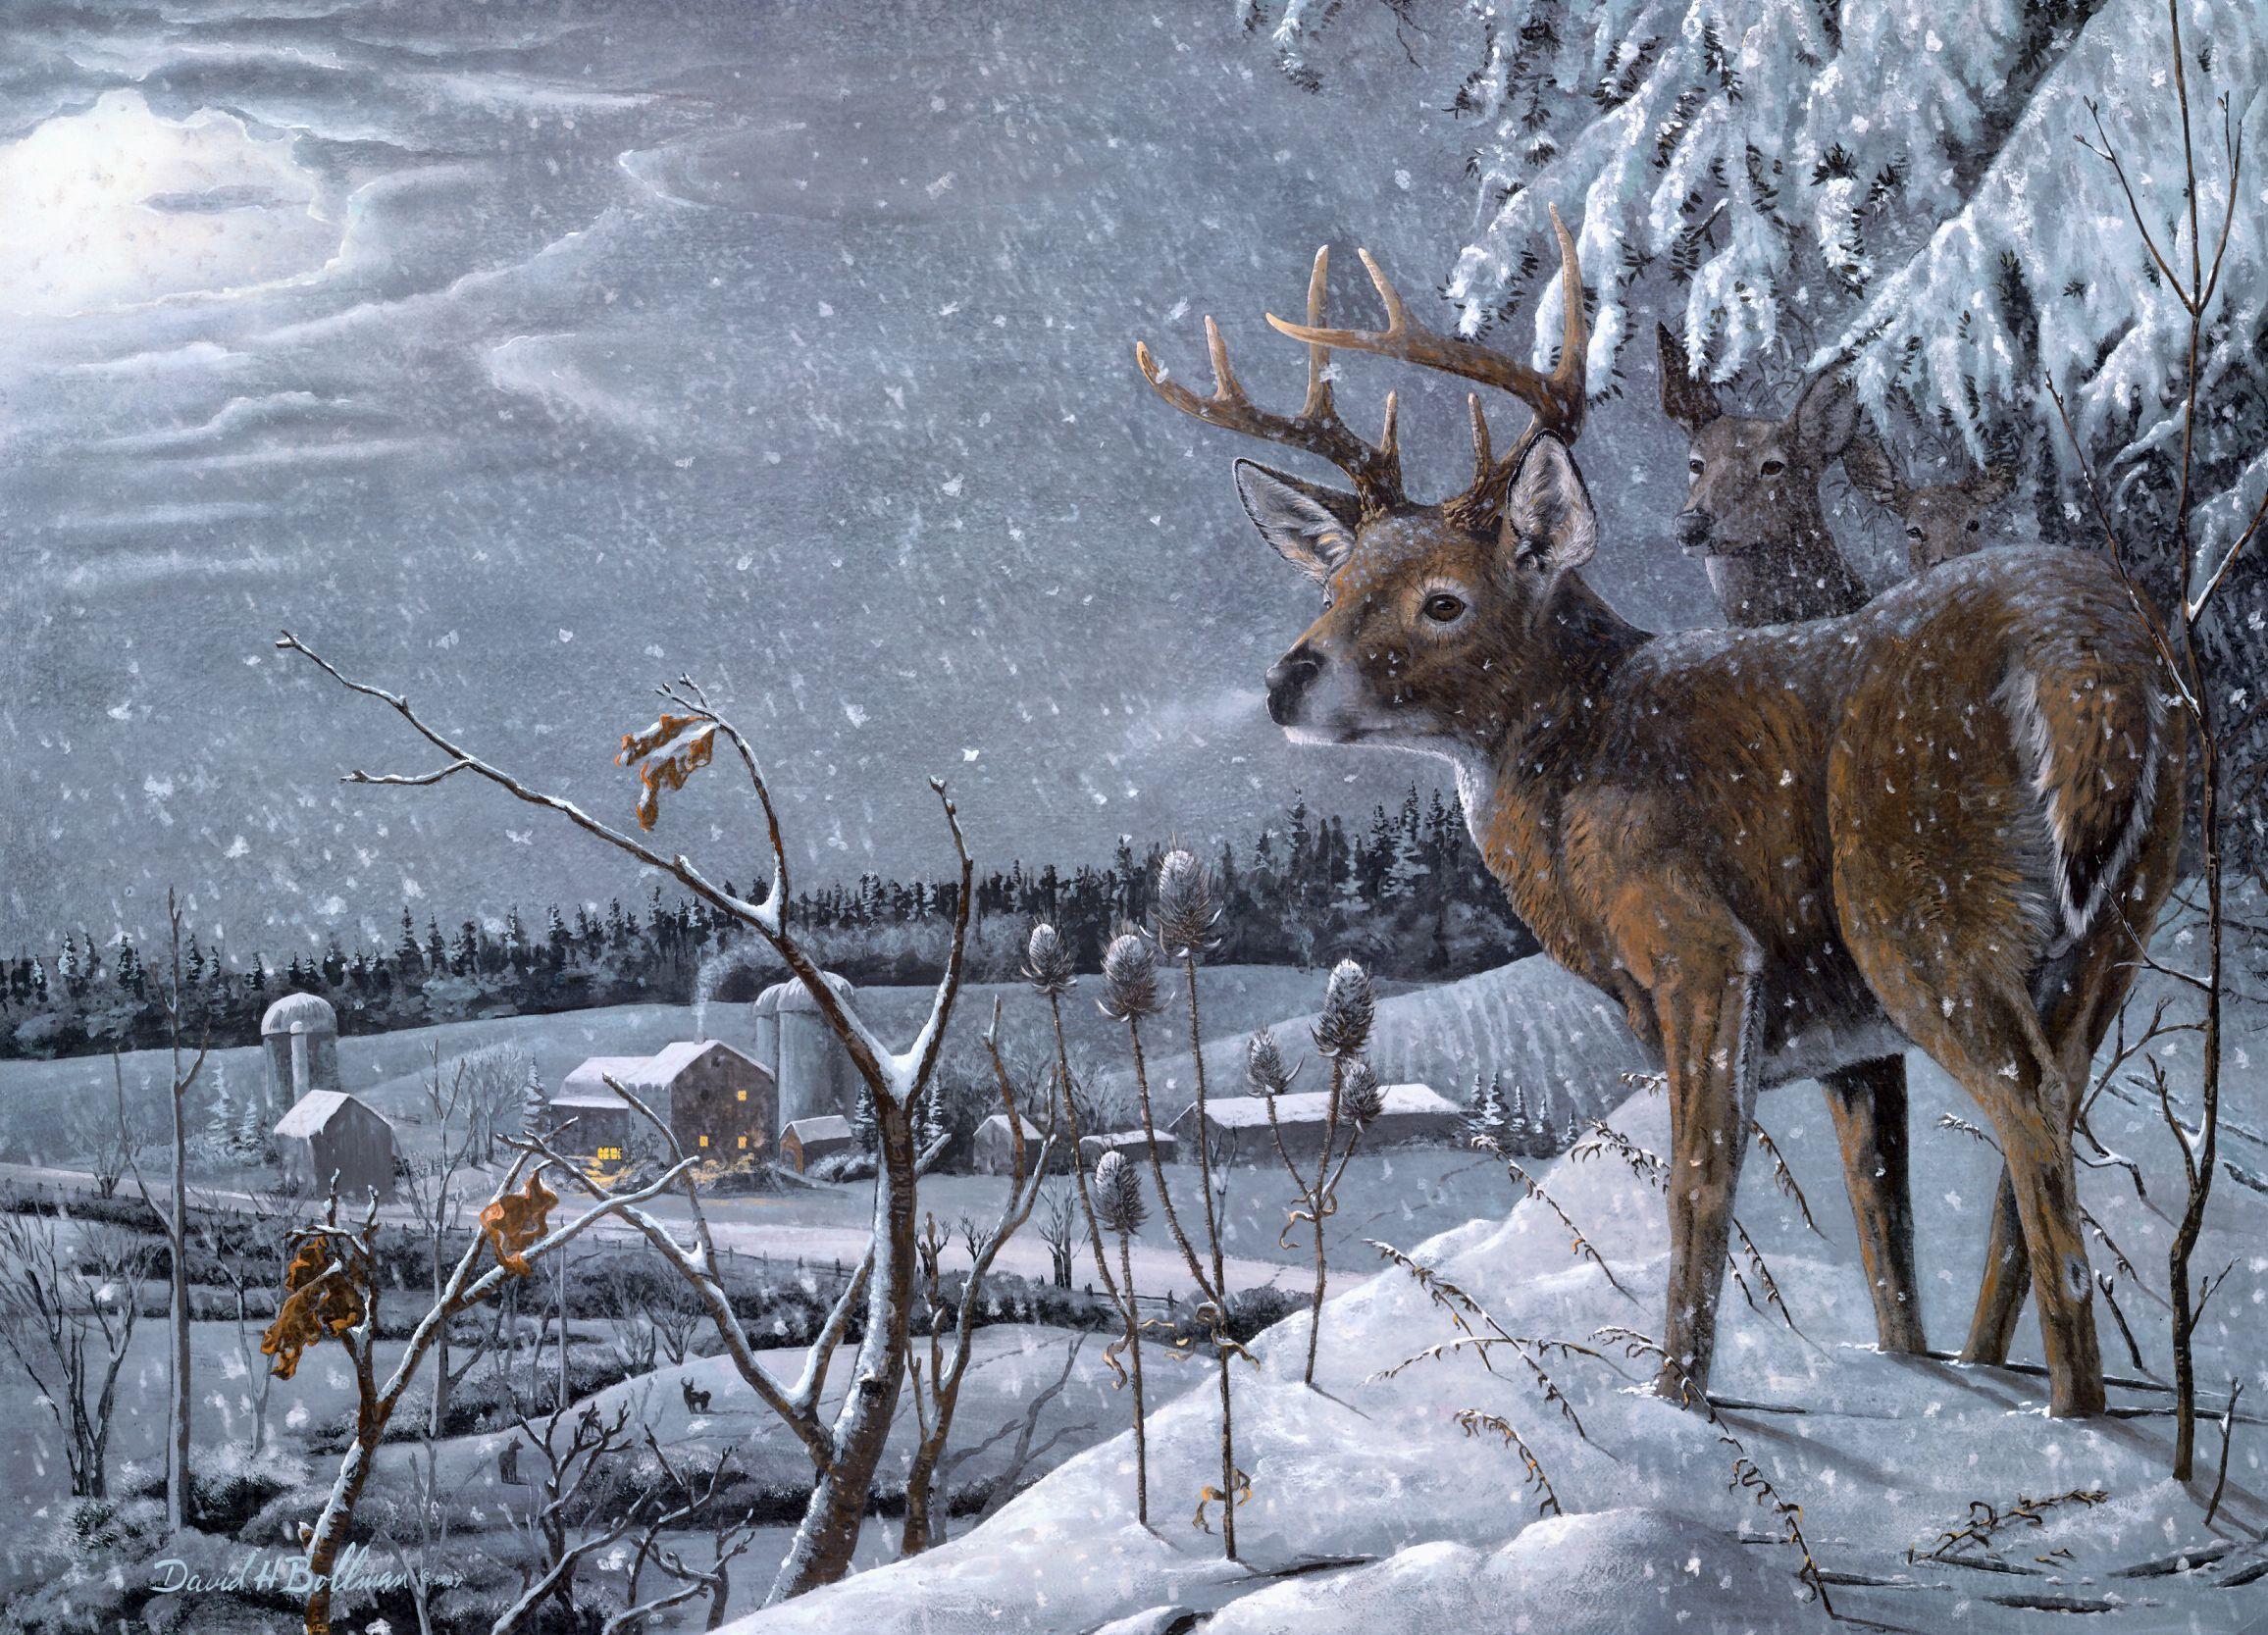 Résultat d'images pour Gifs Rouge gorge neige